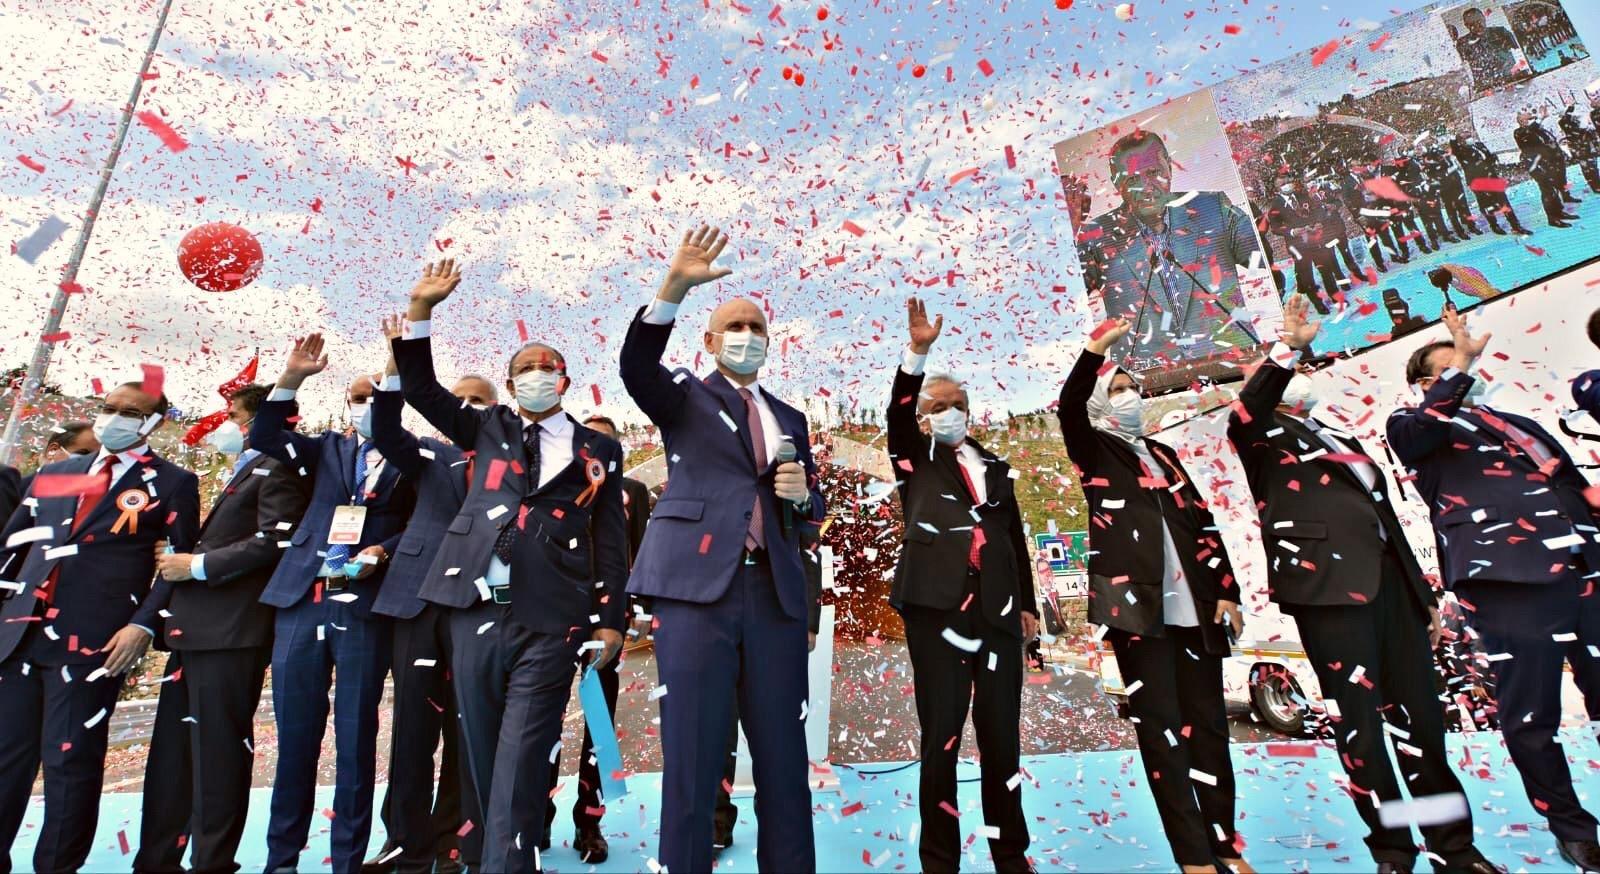 Cumhurbaşkanı Erdoğan canlı bağlantıyla katıldı!